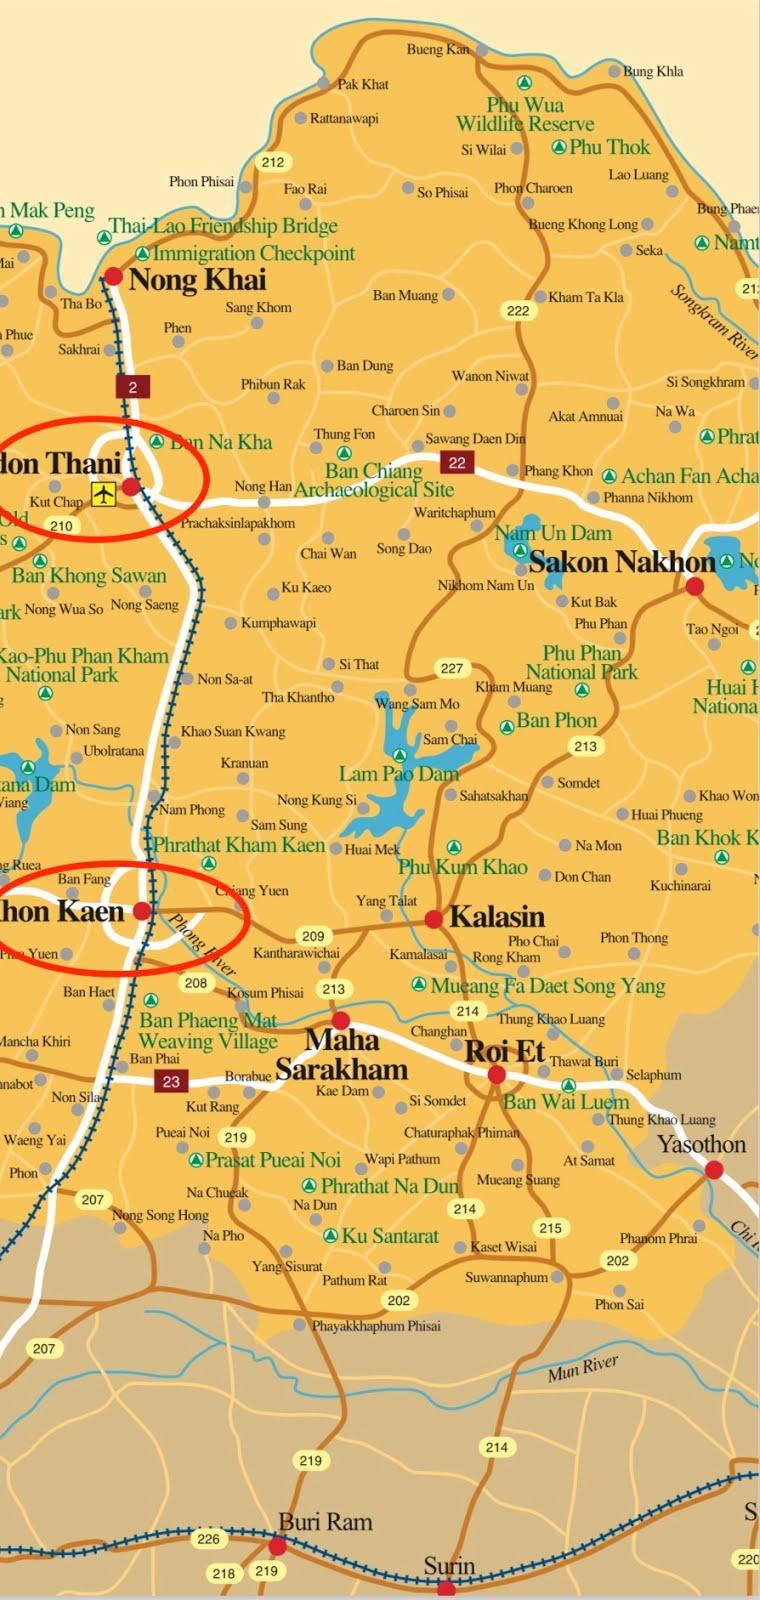 Udon Thani site de rencontre